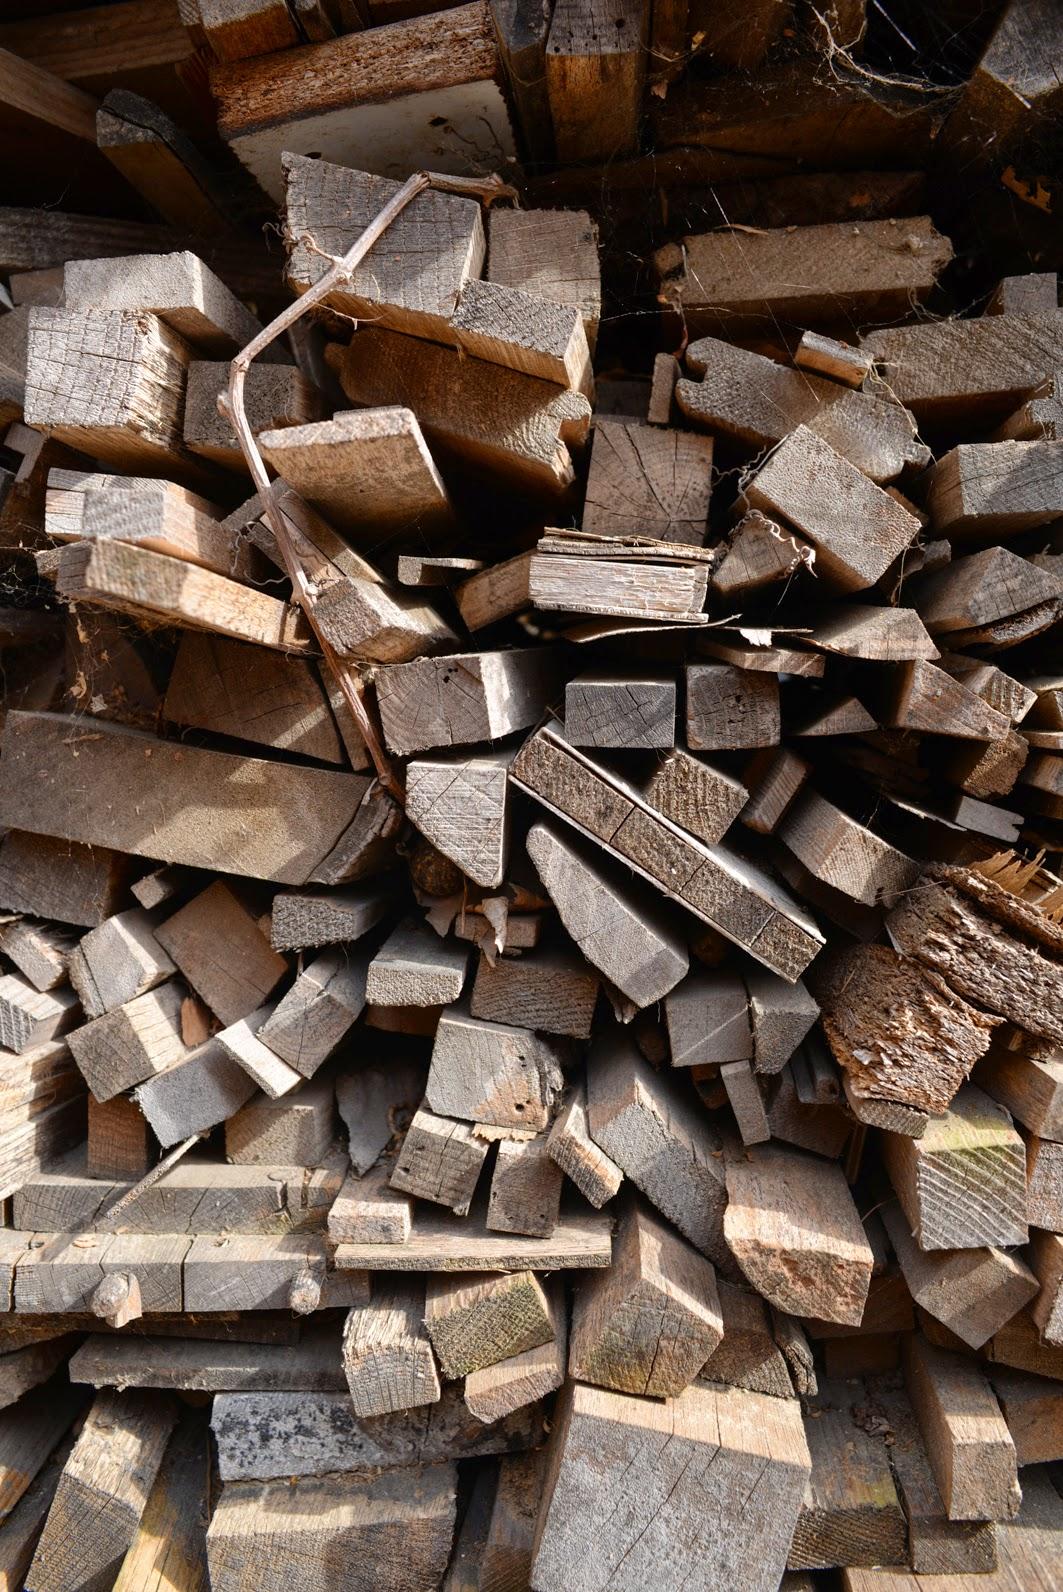 menuiserie du roucas beno t parent lot de bois stere chutes bois bois de chauffage. Black Bedroom Furniture Sets. Home Design Ideas